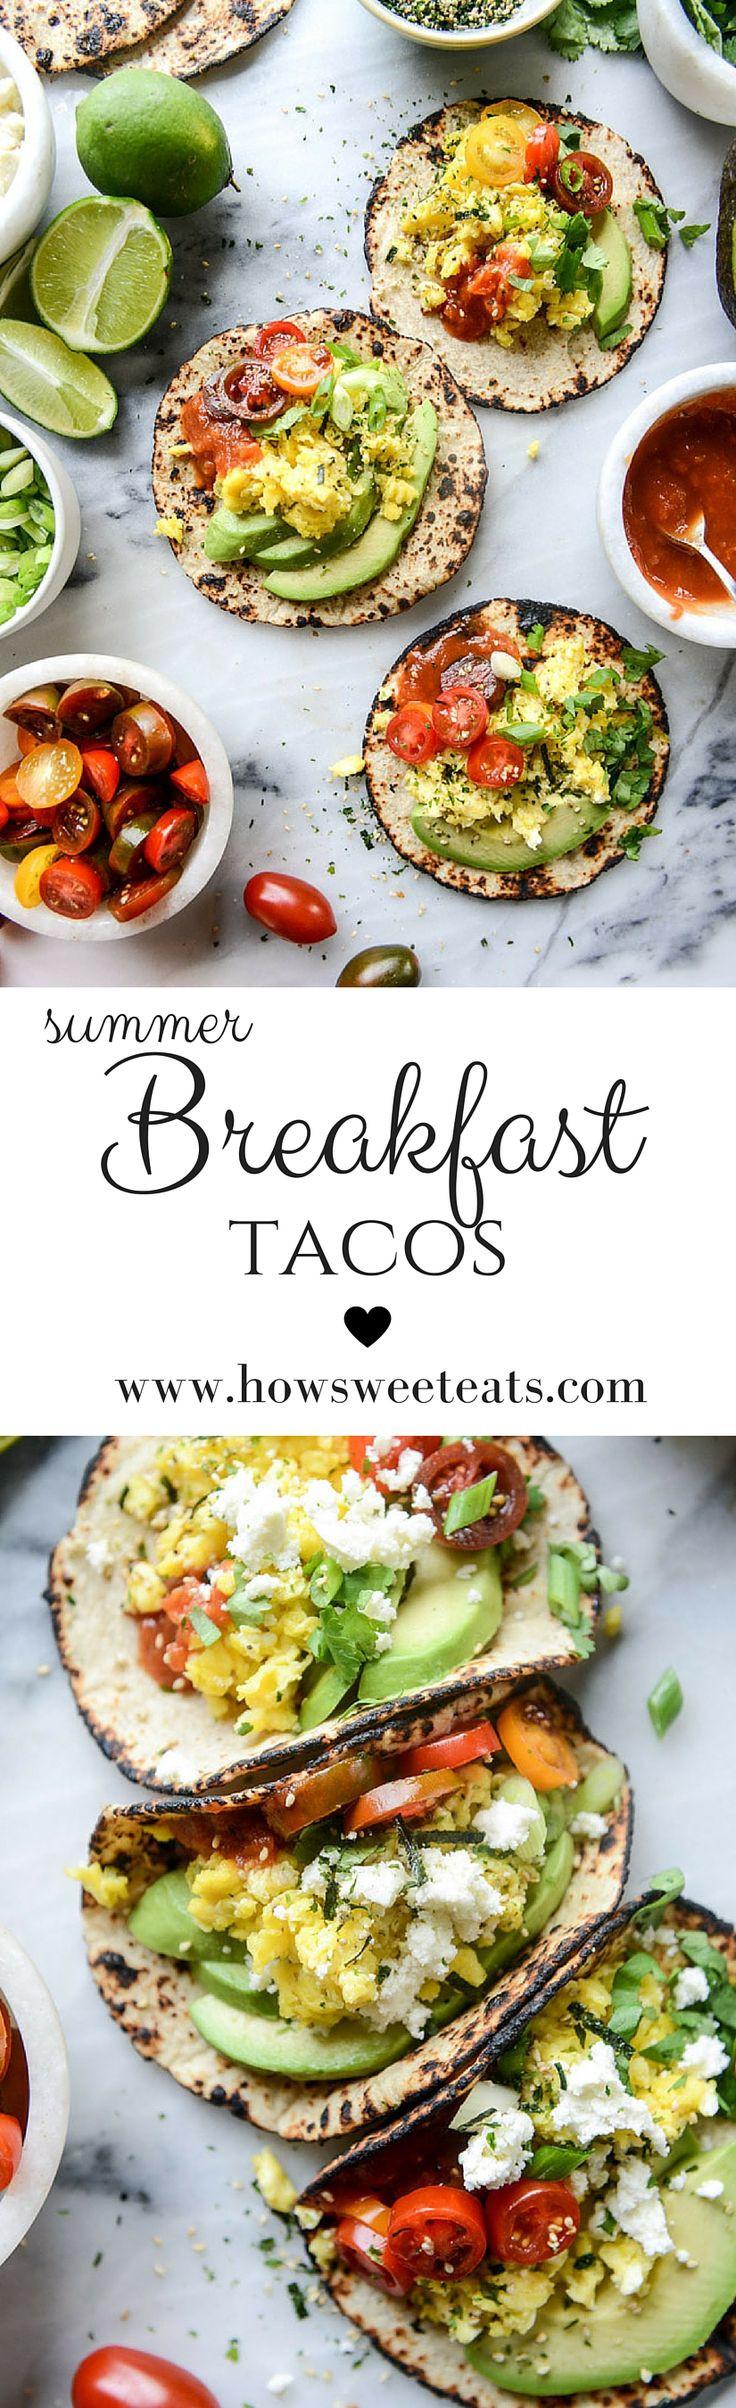 Summer Breakfast Recipe  Best 25 Breakfast tacos ideas on Pinterest